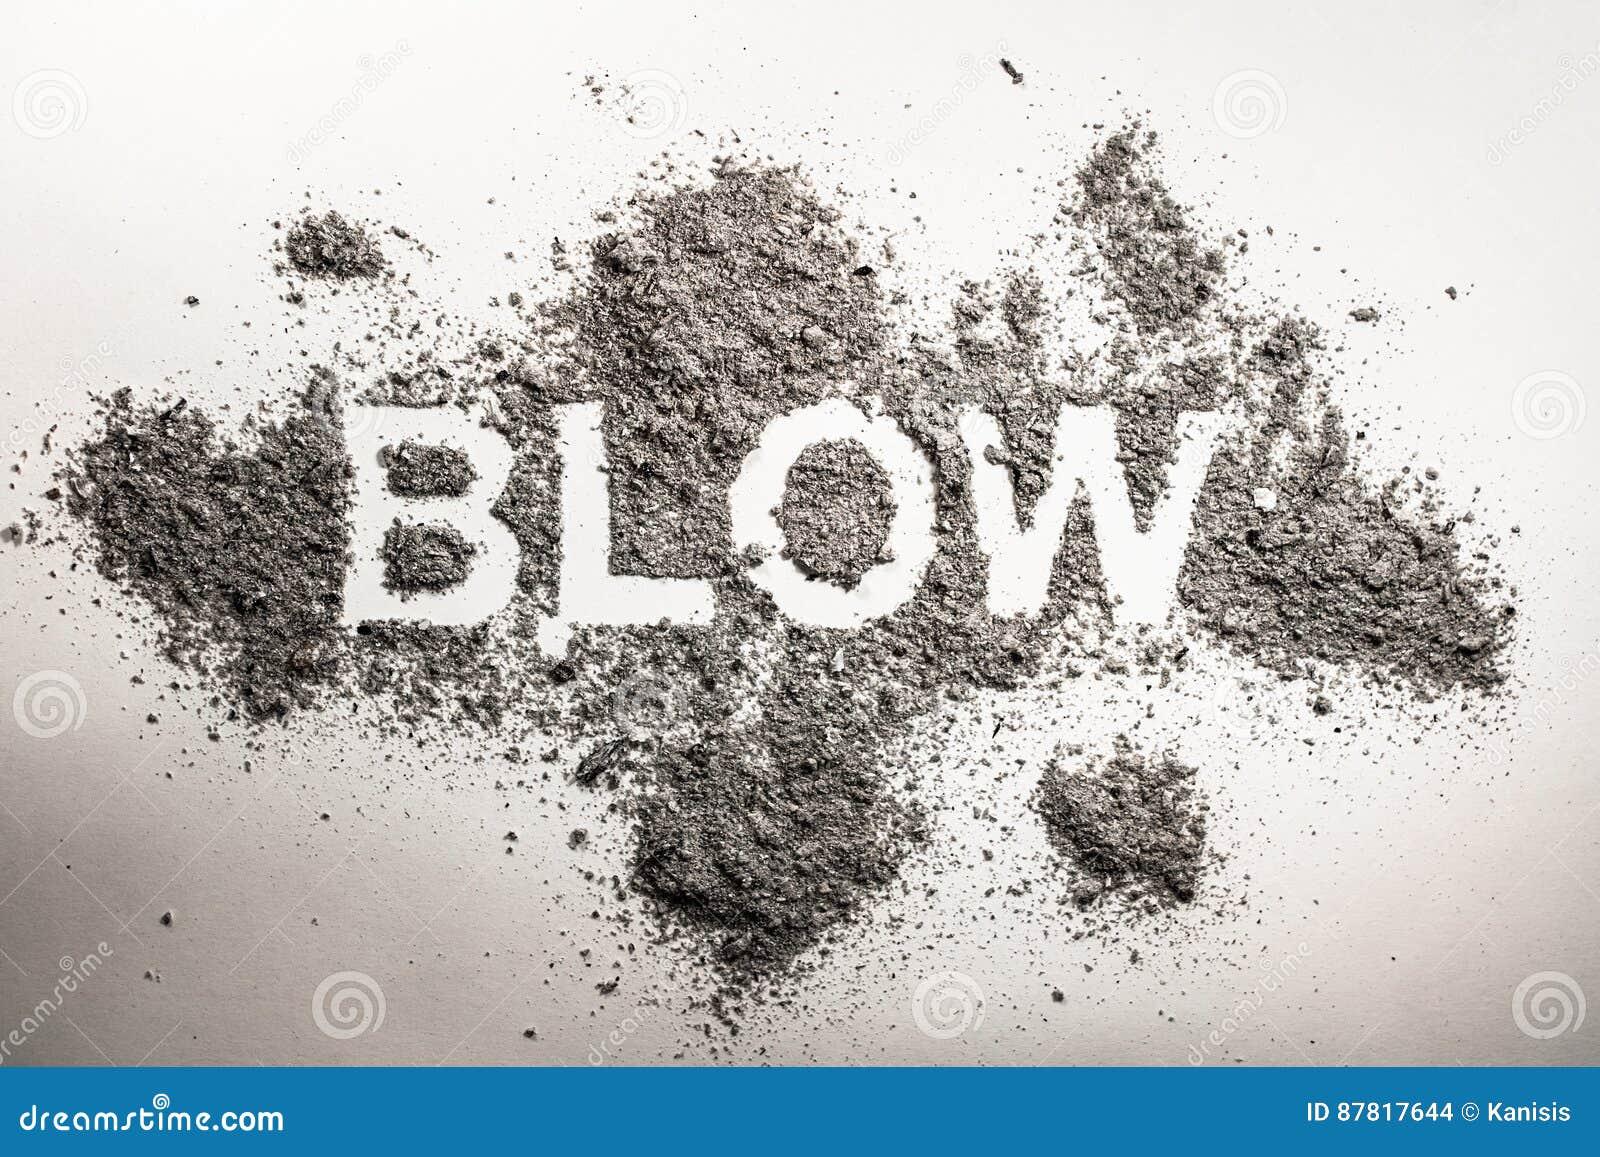 Χτύπημα λέξης που γράφεται στην τέφρα, σκόνη, ρύπος, σύννεφο άμμου ως αέρα, καπνός,